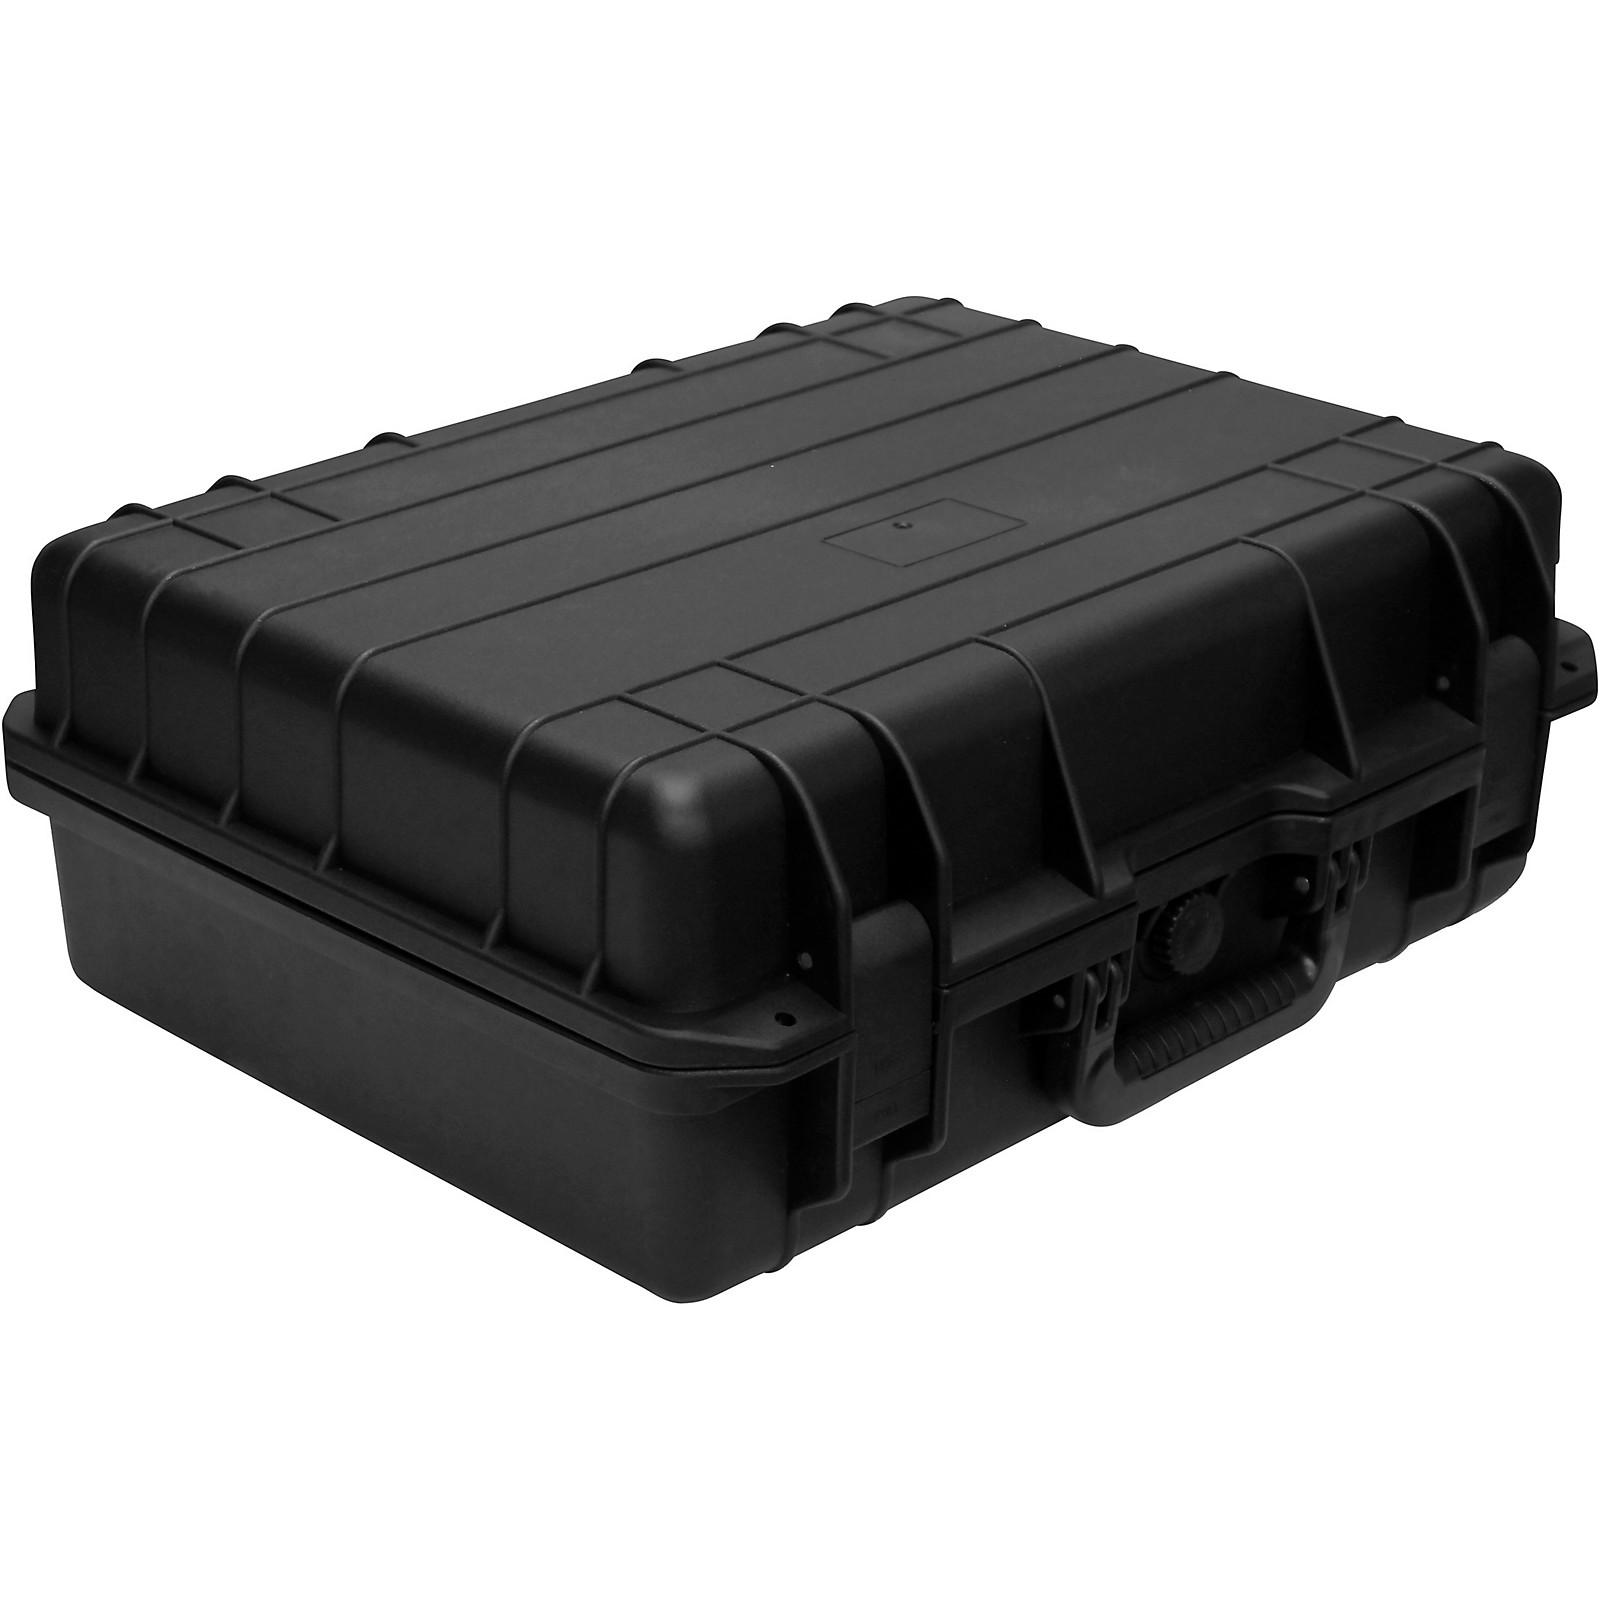 Odyssey VUMODEL1 Allen & Heath Model 1 DJ Mixer Carrying Case